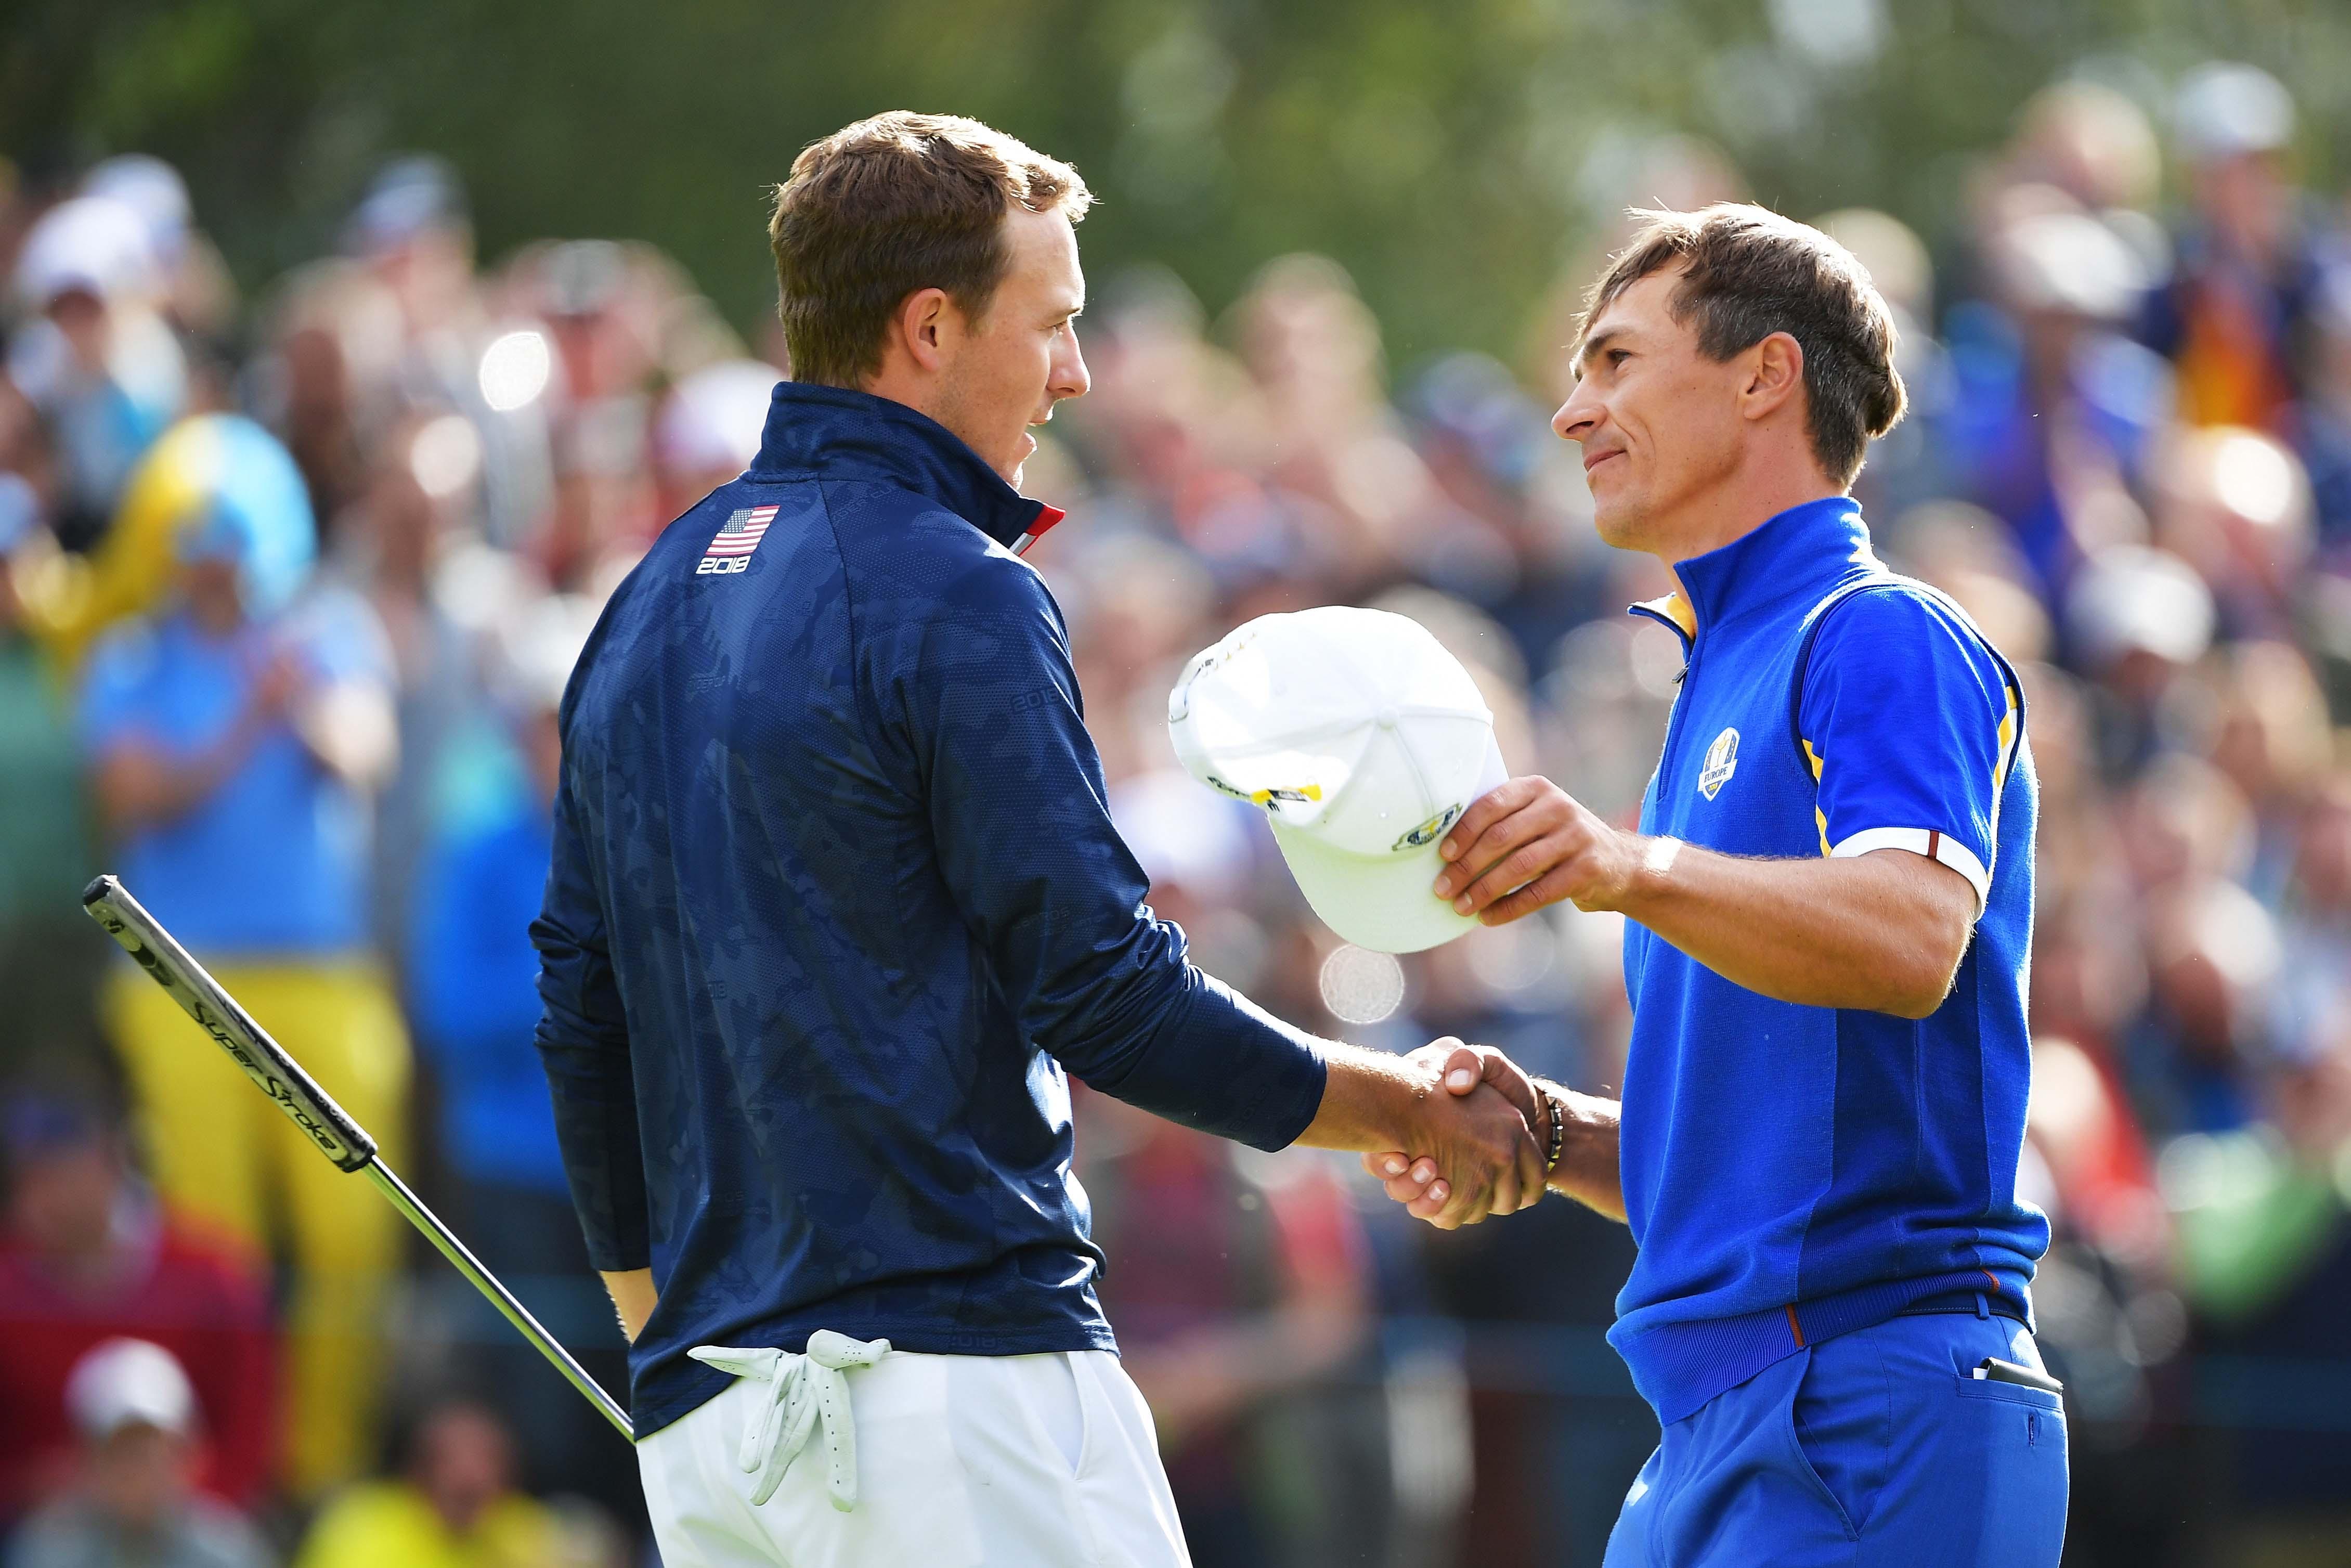 Jordan Spieth and Thorbjorn Olesen